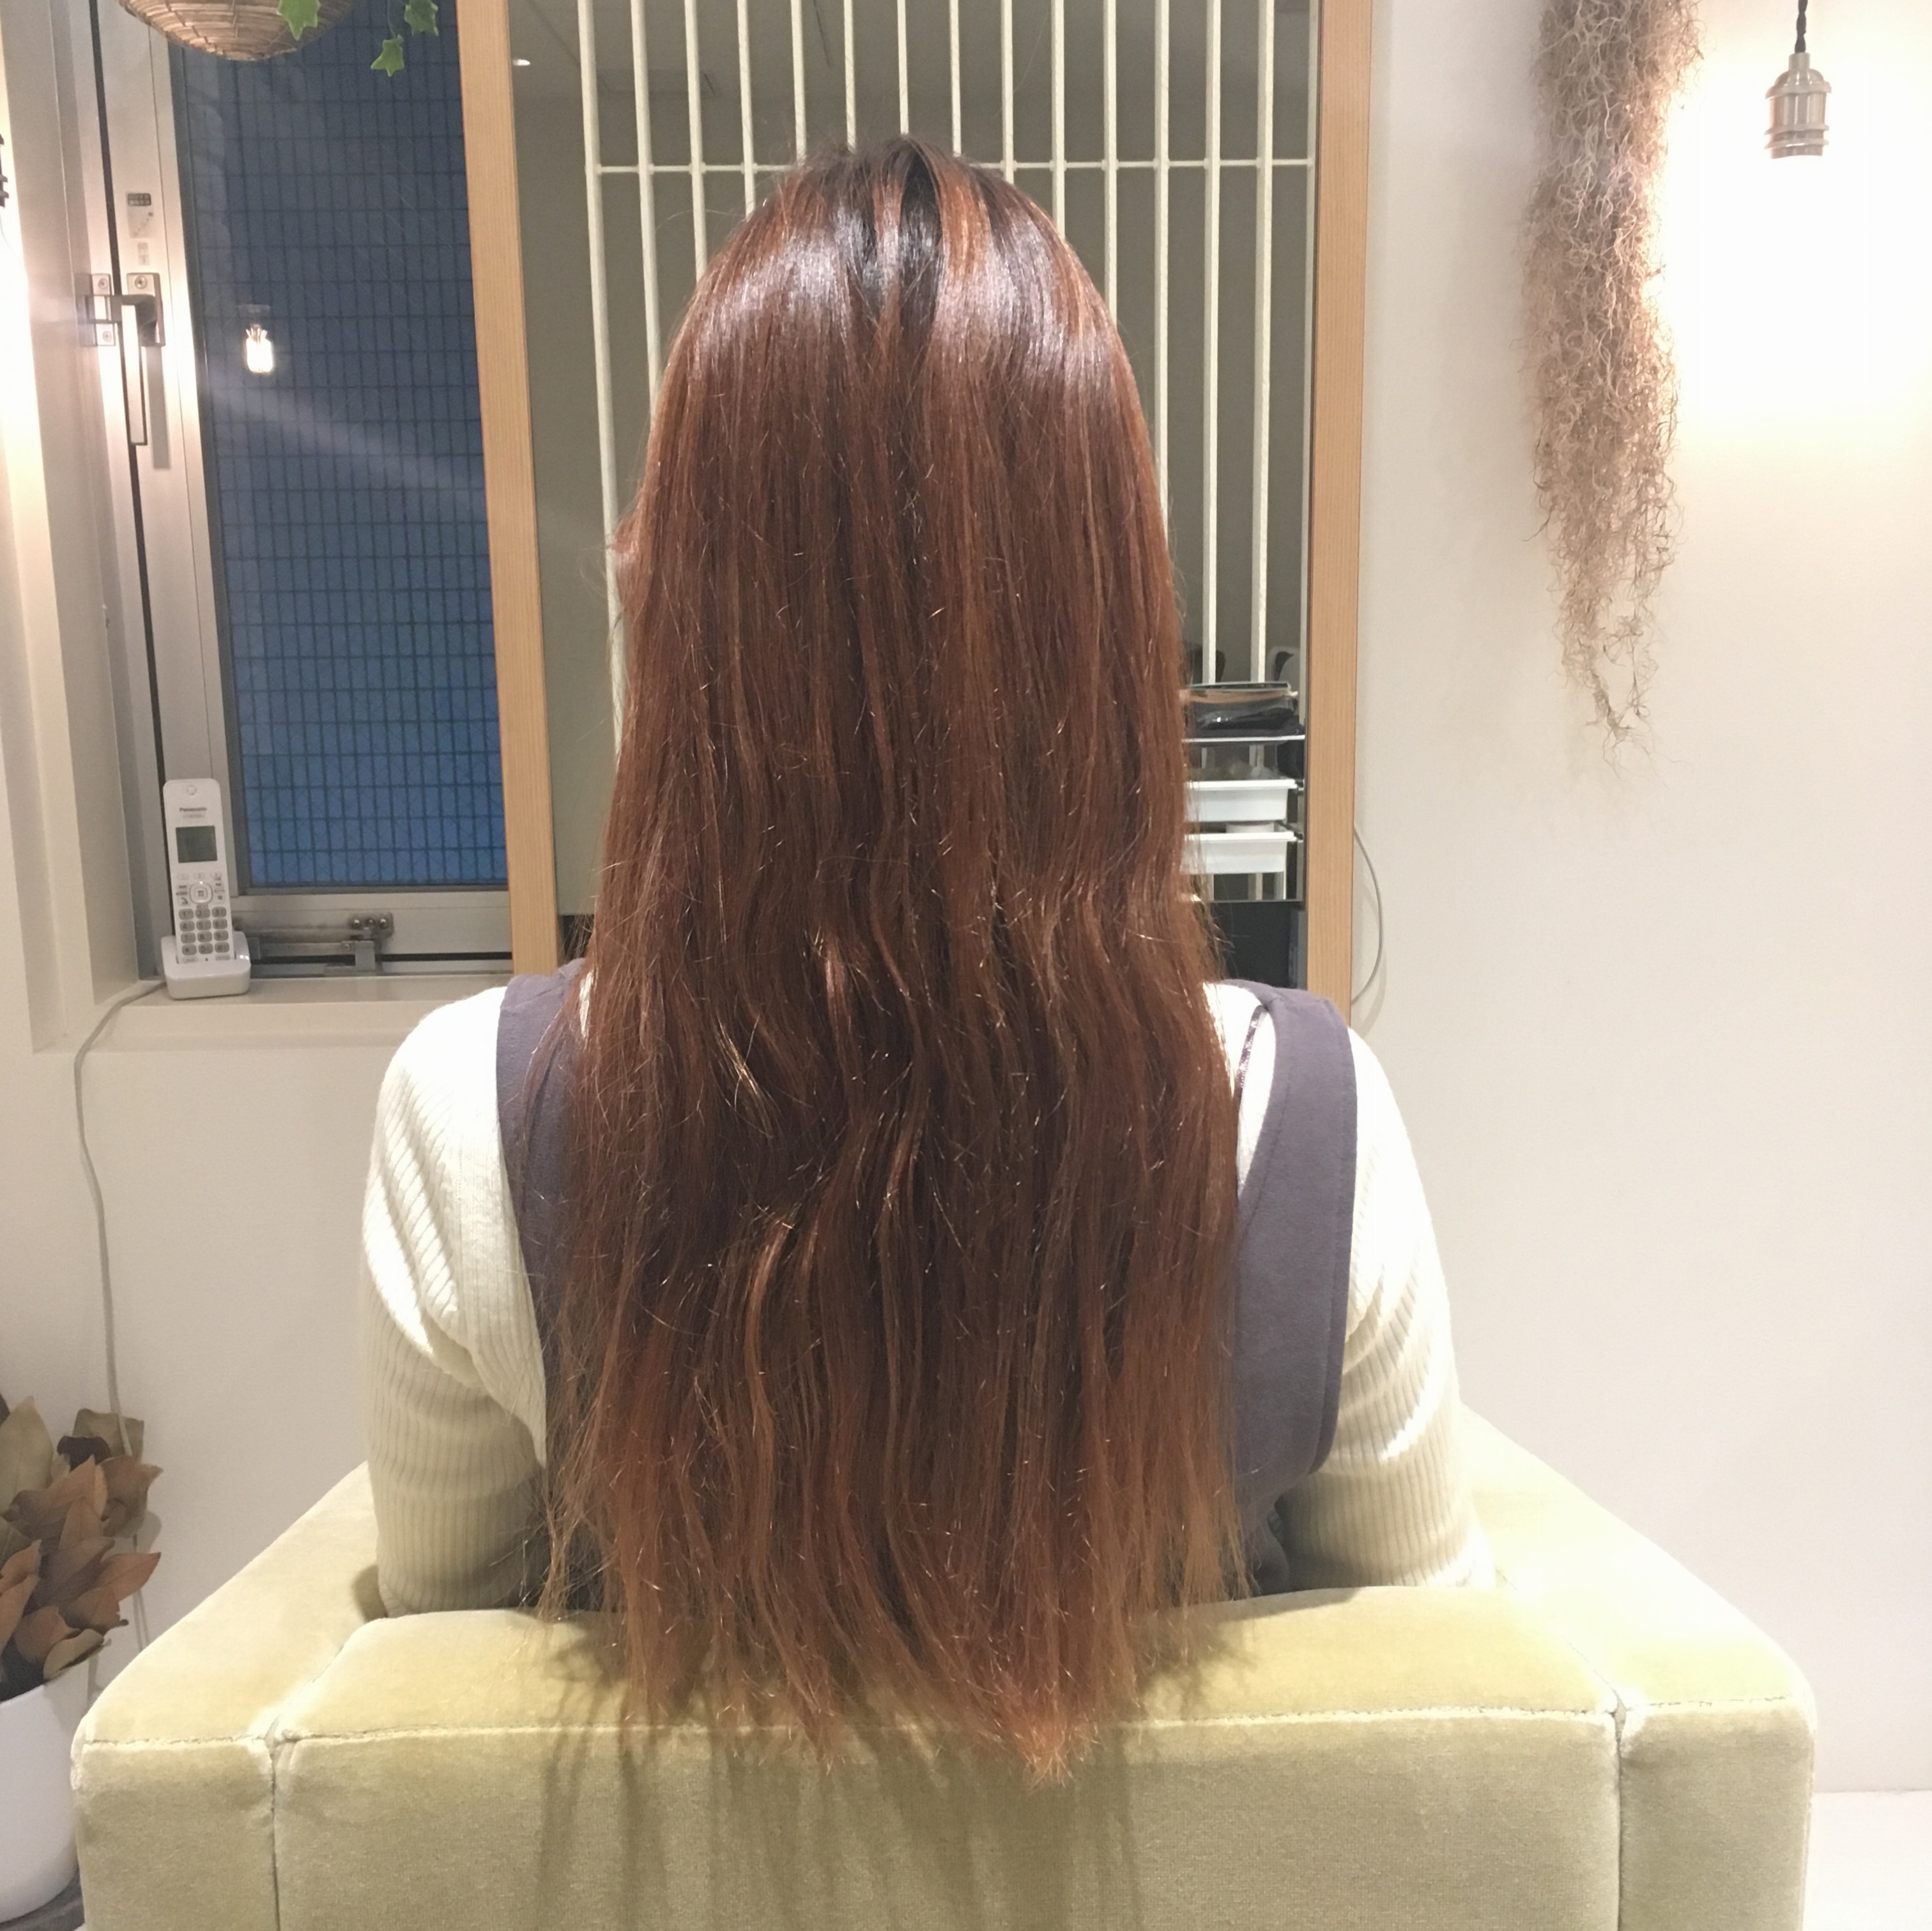 【プロに聞いた!!】2017→2018冬の人気カラーとオススメカラーは?年末に向けて髪もキレイに✰✰_1